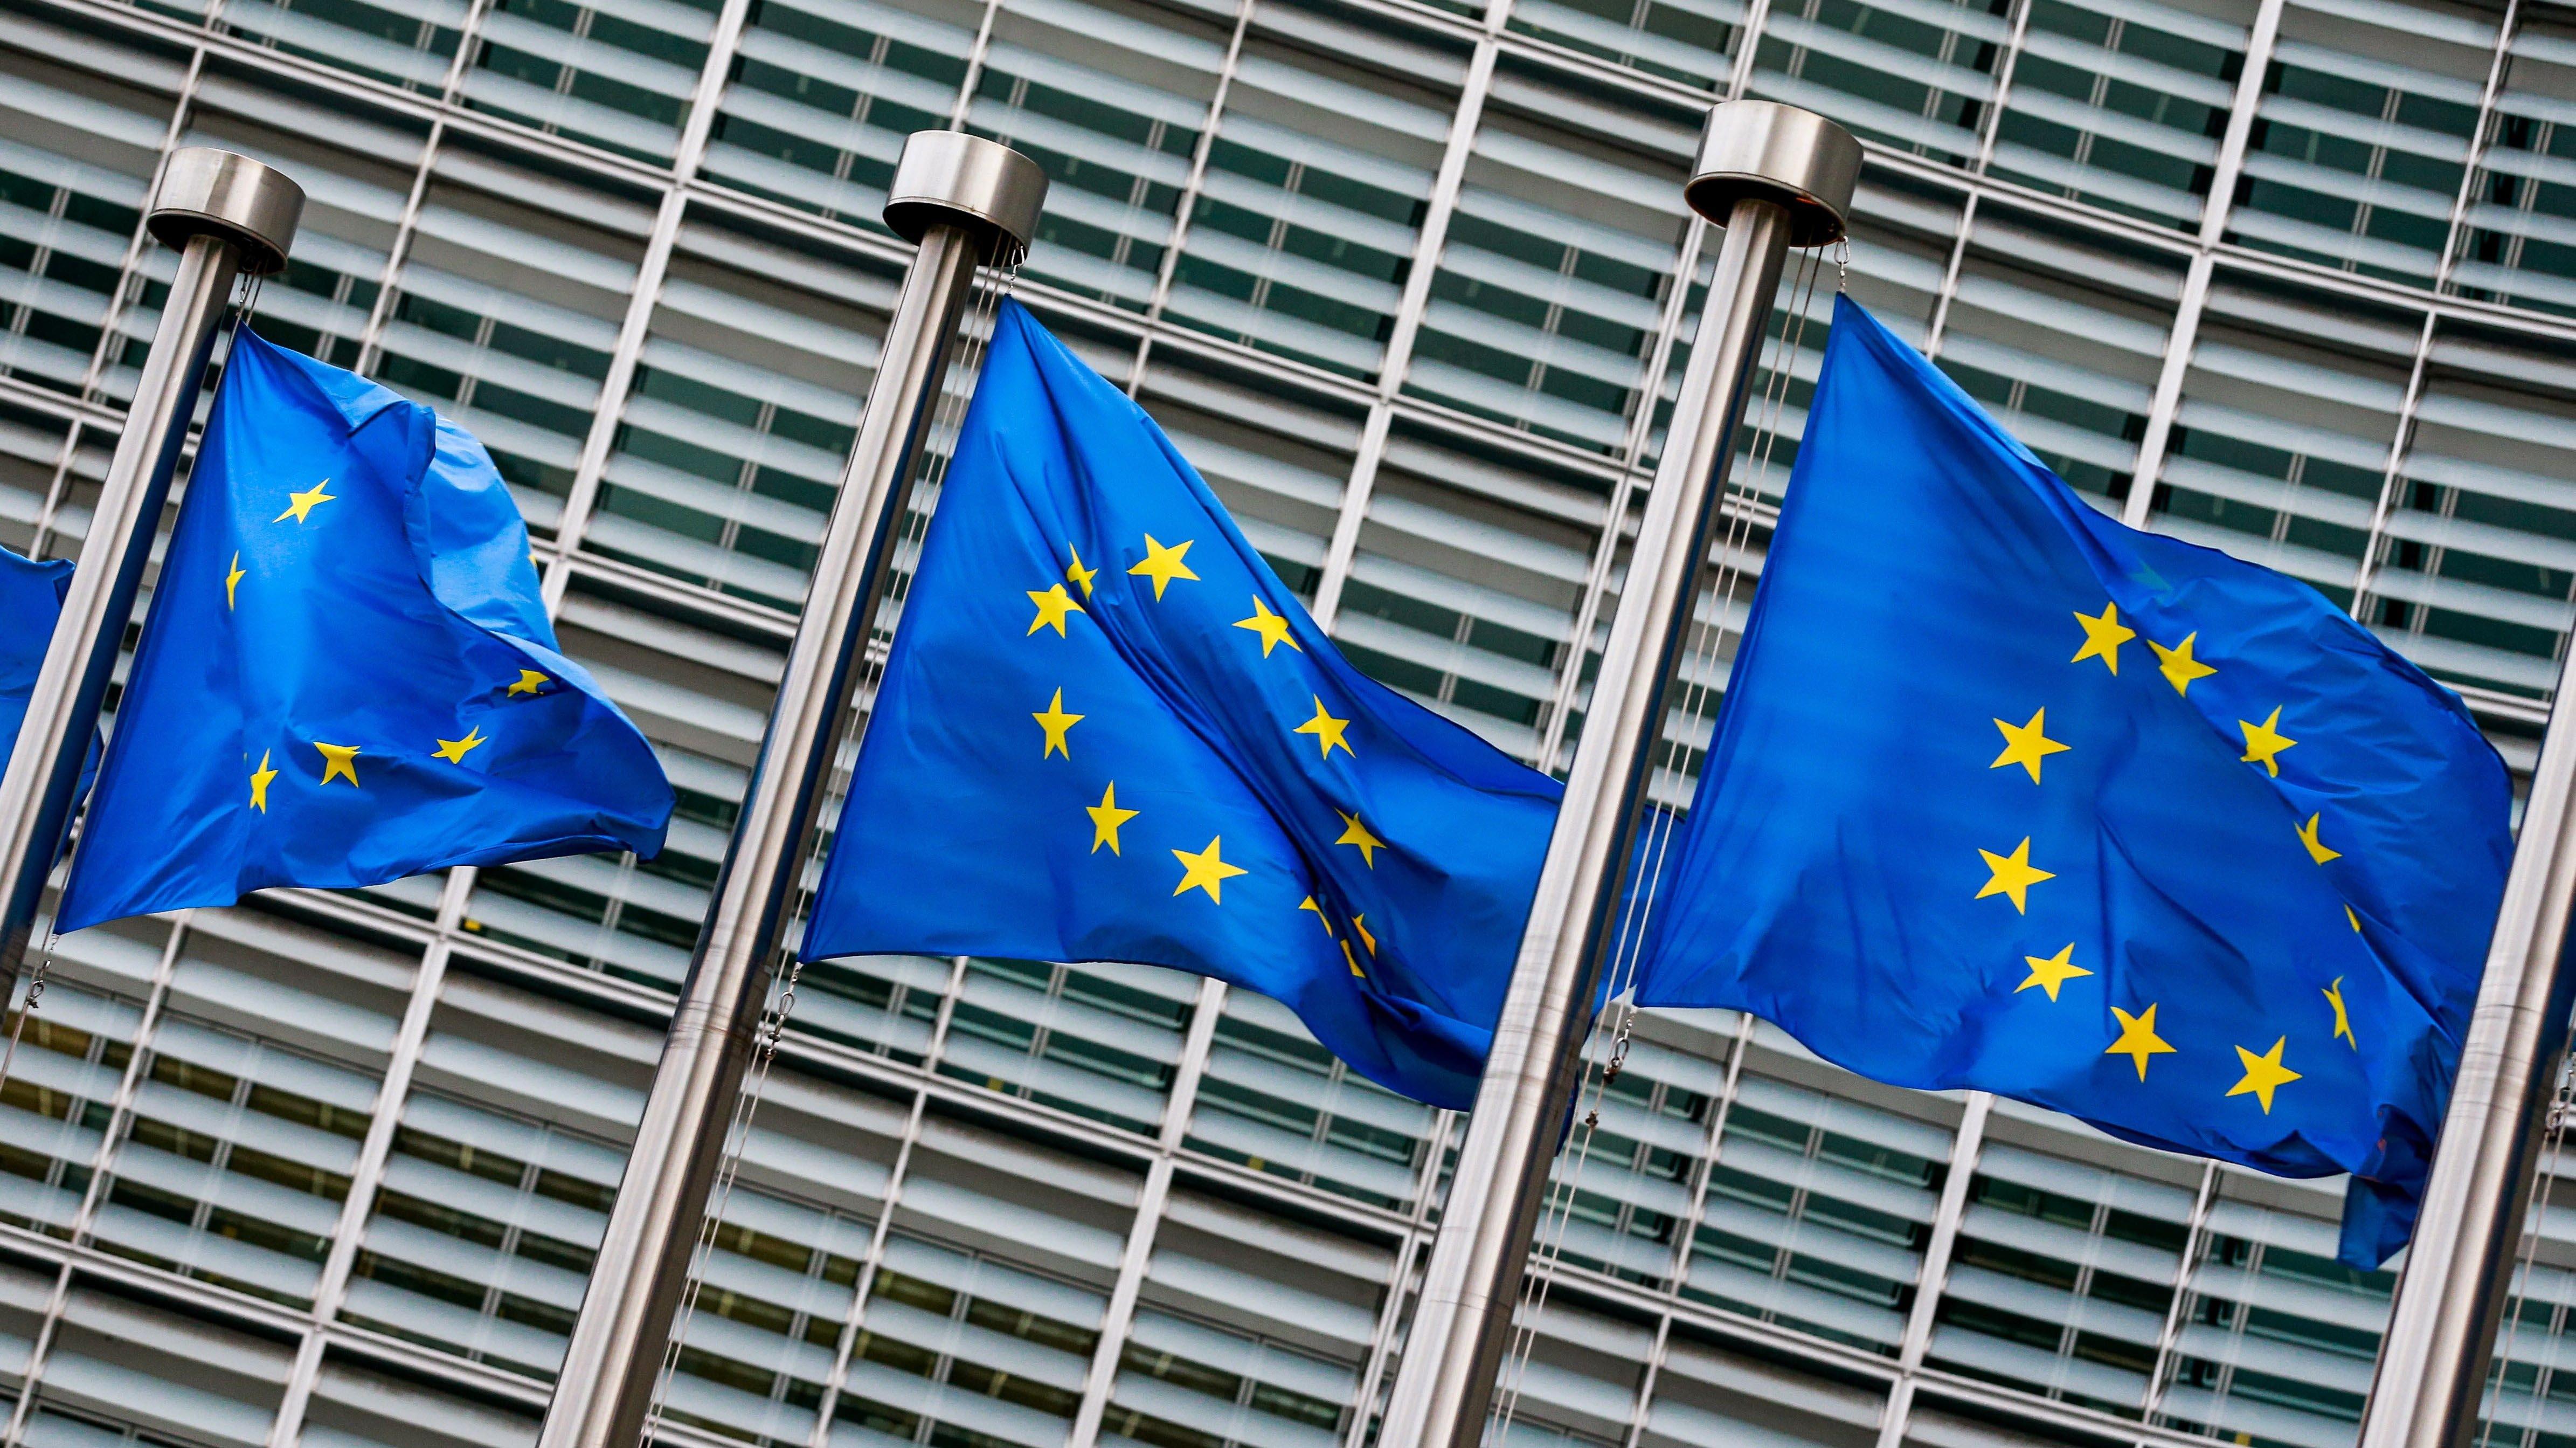 """Eurodiputados consideran a Chile como """"socio confiable"""" y """"muy importante"""" para la UE a pesar de la crisis social"""